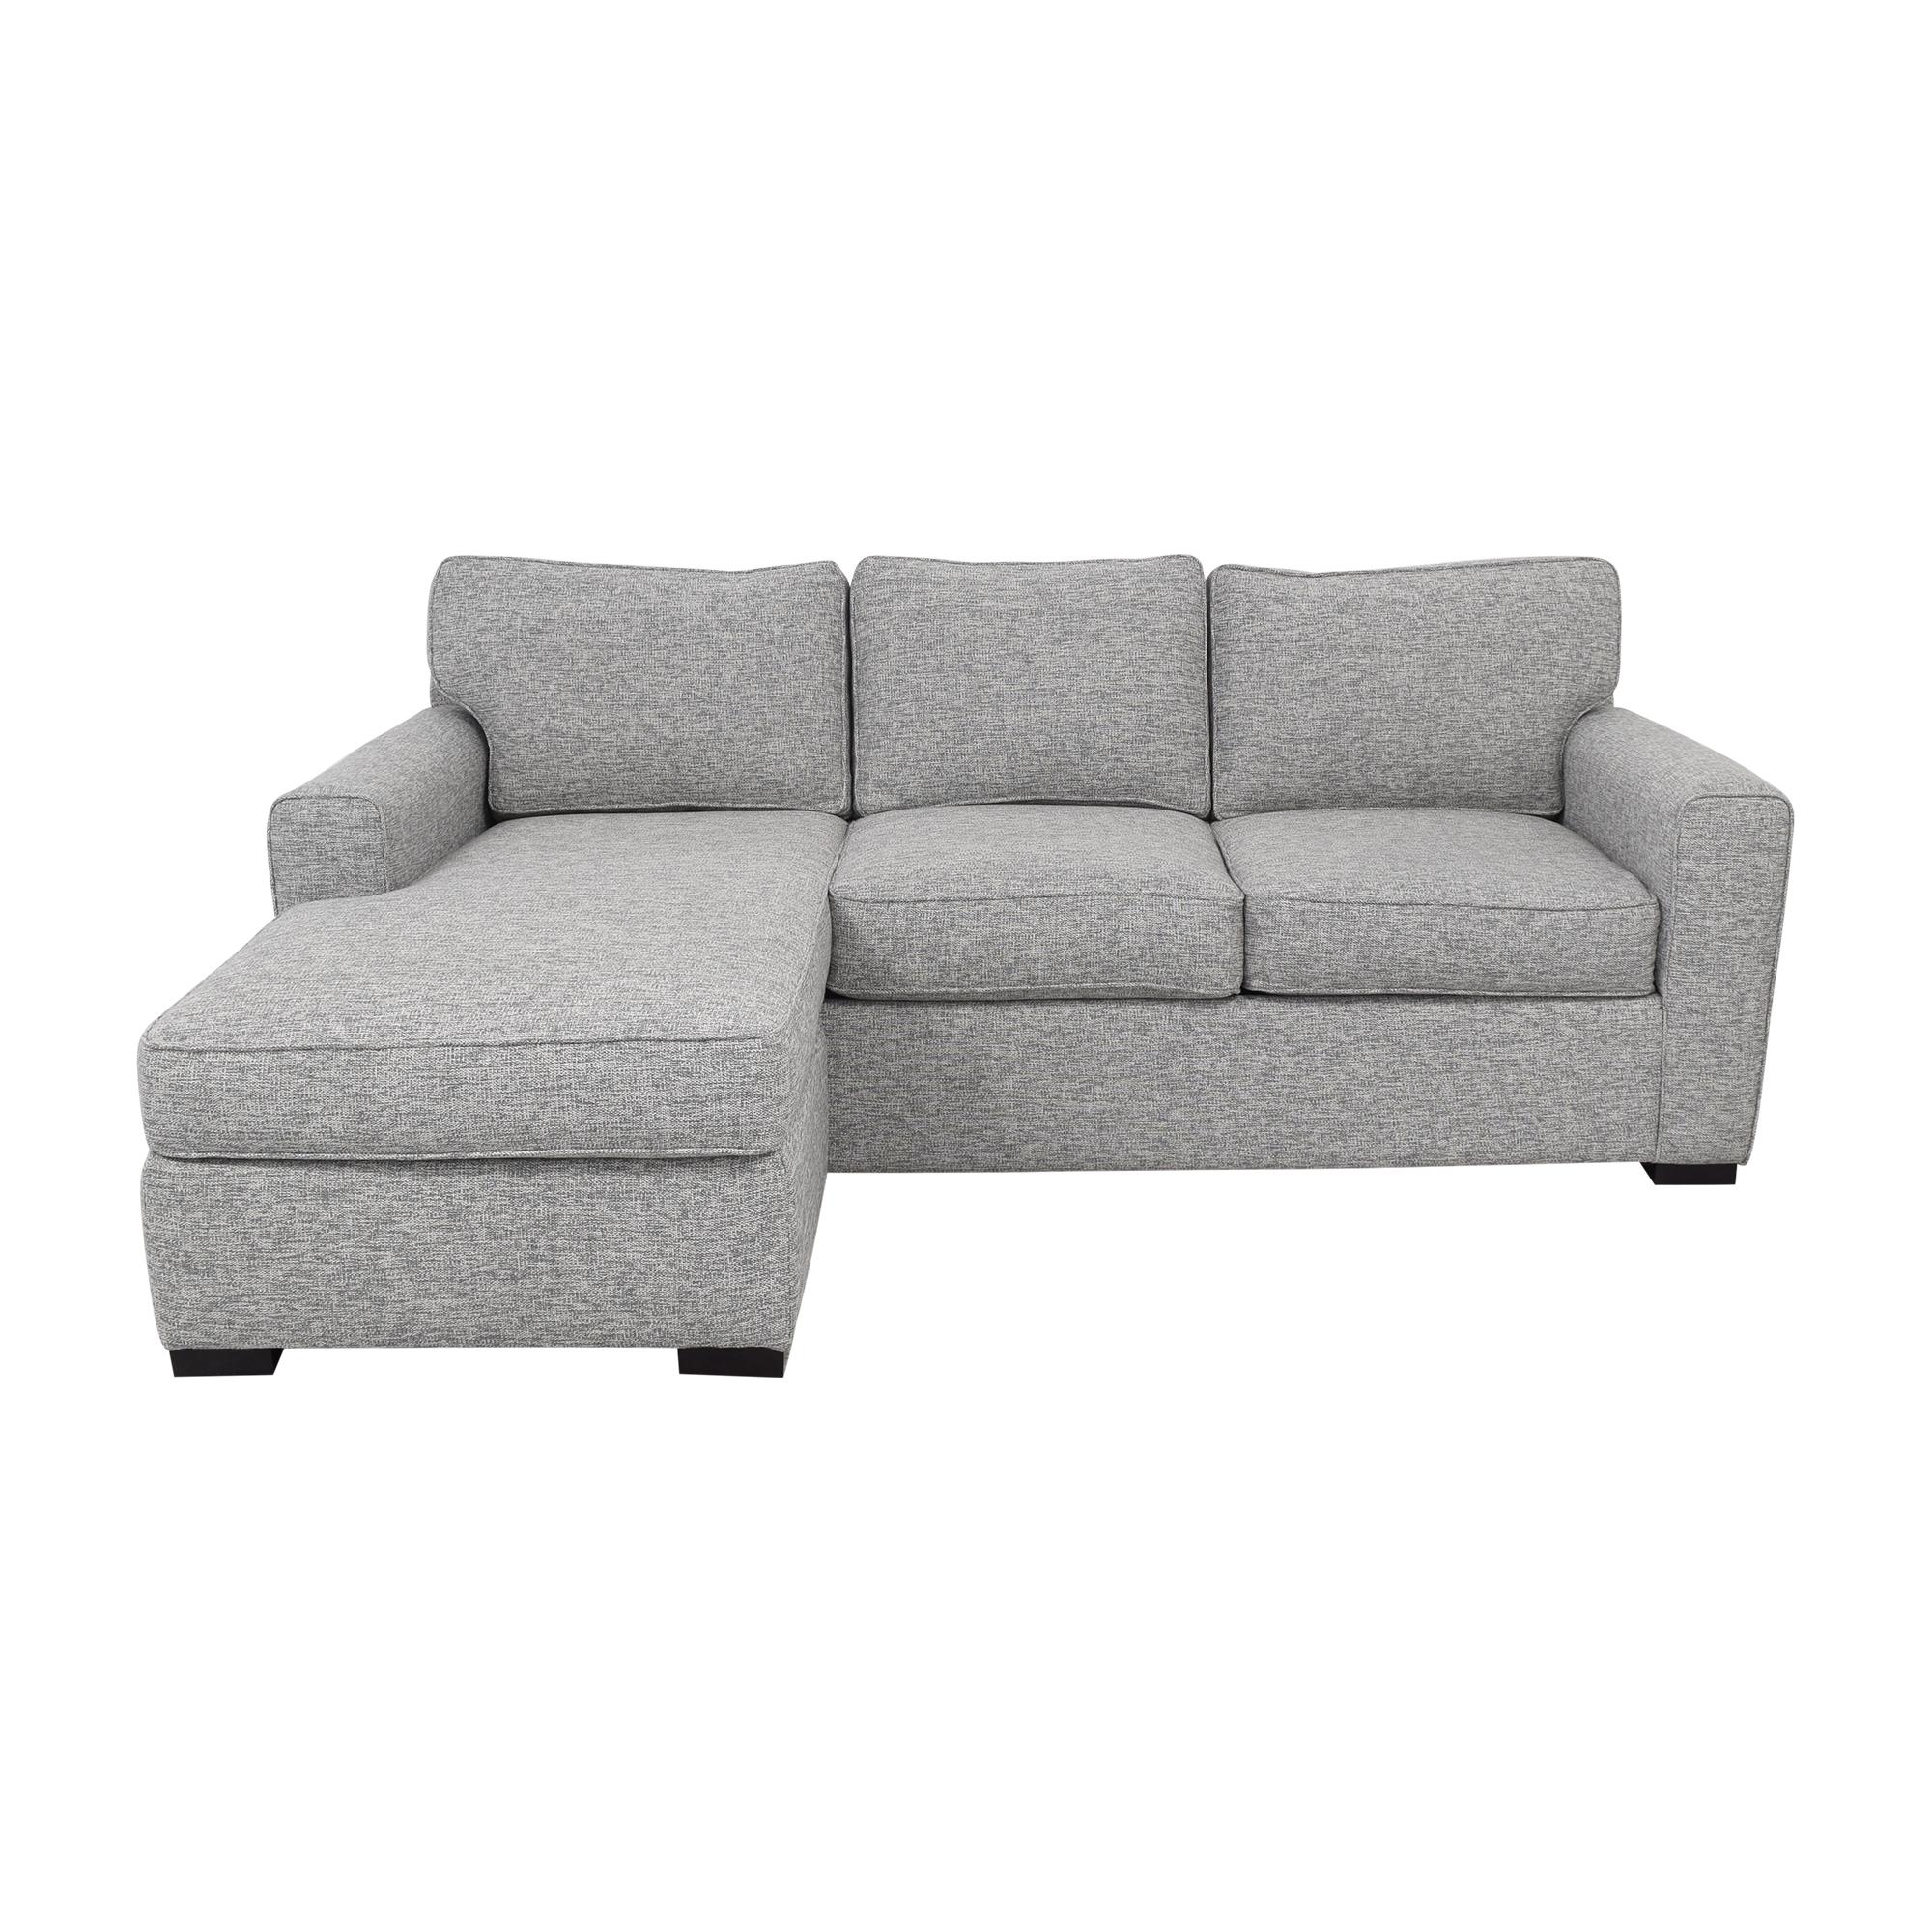 Jonathan Louis Callington Sectional Sofa / Sectionals